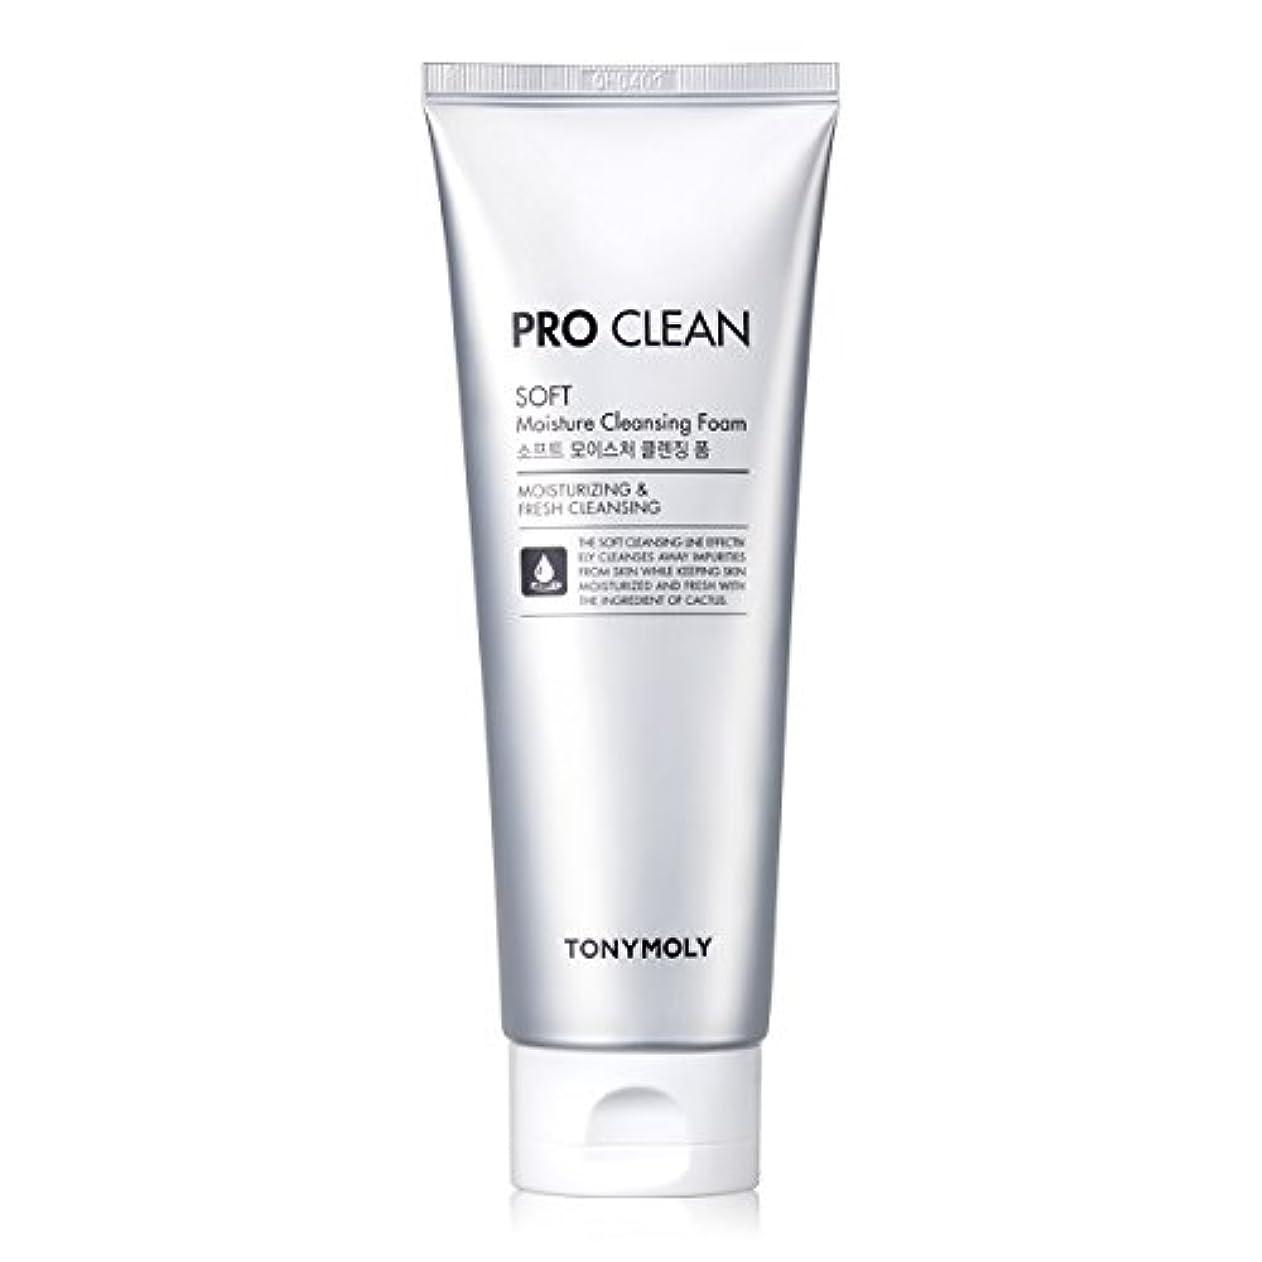 フリルタンパク質切り下げ[New] TONYMOLY Pro Clean Soft Moisture Cleansing Foam 150ml/トニーモリー プロ クリーン ソフト モイスチャー クレンジングフォーム 150ml [並行輸入品]